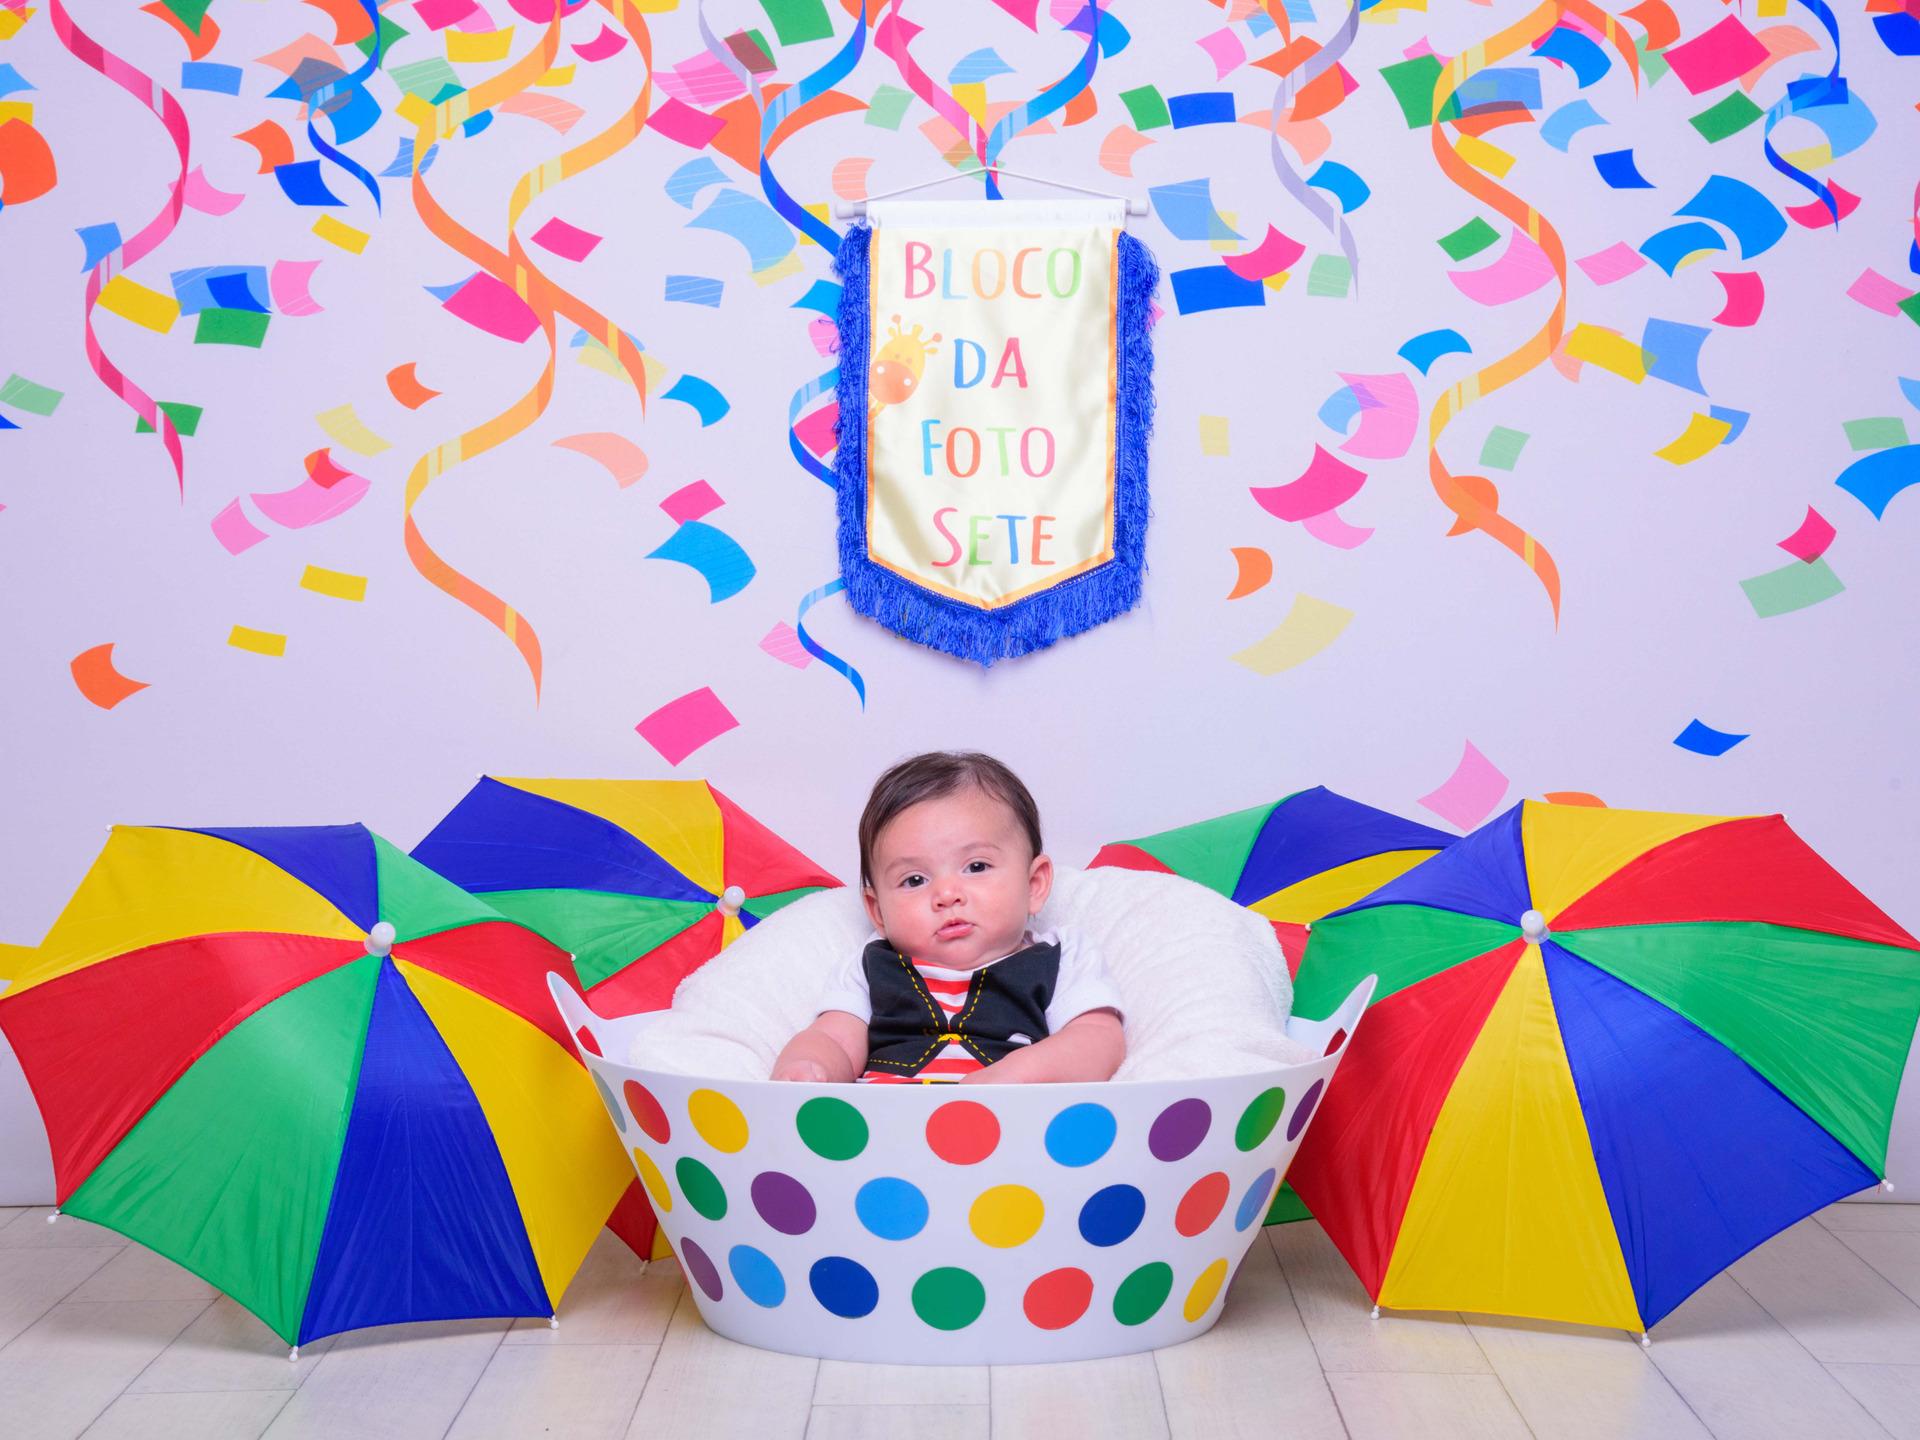 sessão carnaval, fantasia, fantasia de carnaval, bloquinho, confete, fotos de carnaval, ensaio carnaval, bebês fantasiados, foto de bebê, ensaio infantil, fotografia infantil, inspiração ensaio bebês, bebês fofos